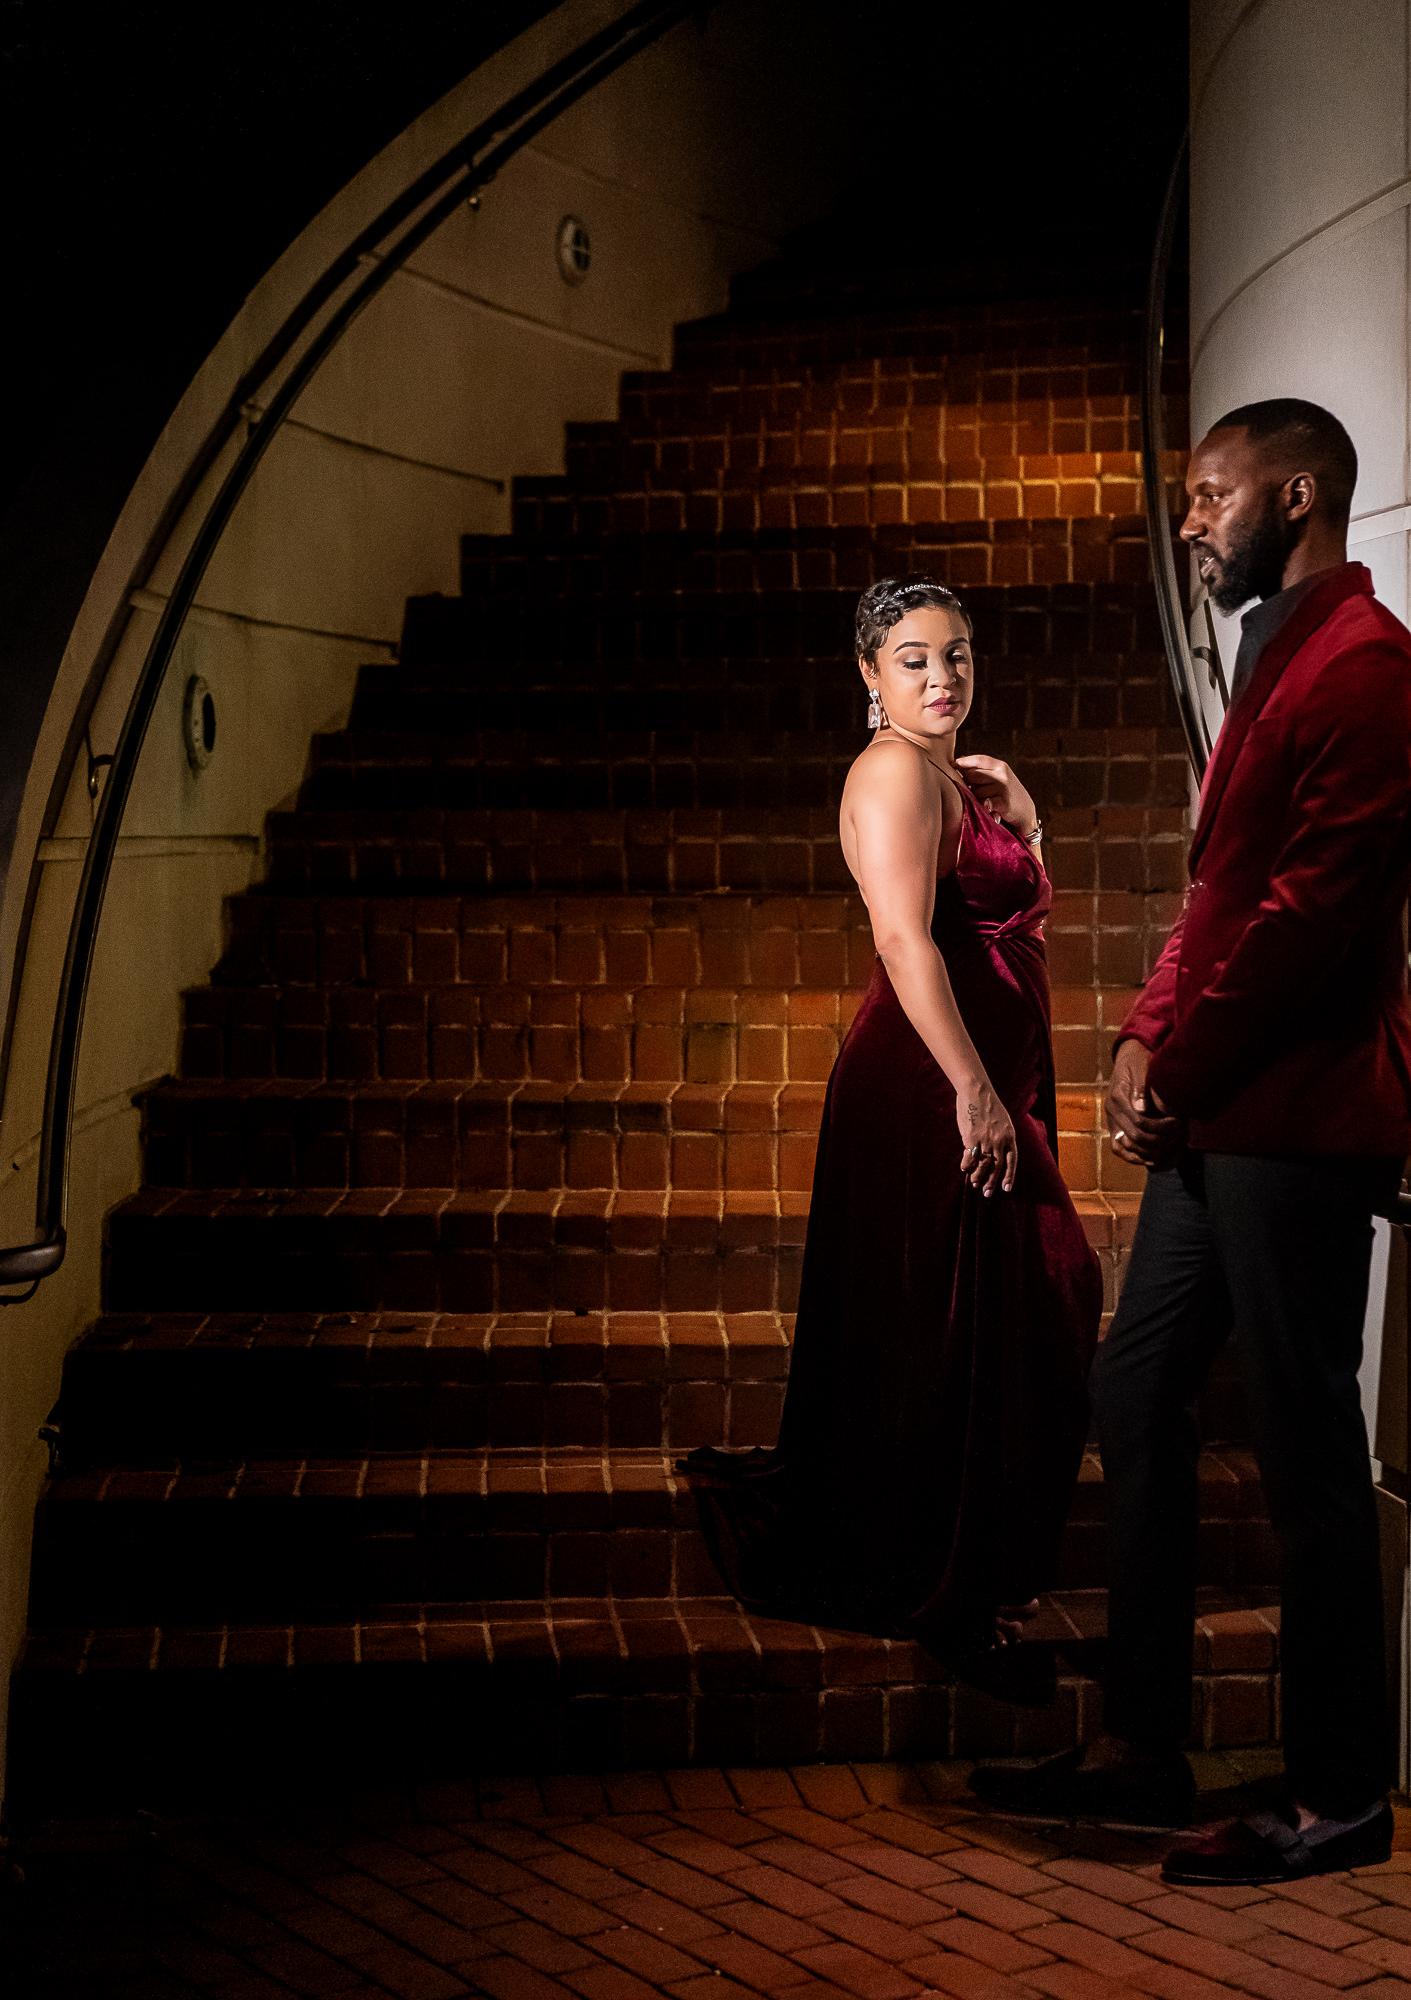 051-051-christopher-jason-studios-university-of-maryland-wedding-raheem-Devaughn-african-american-bride-and-groom.jpg